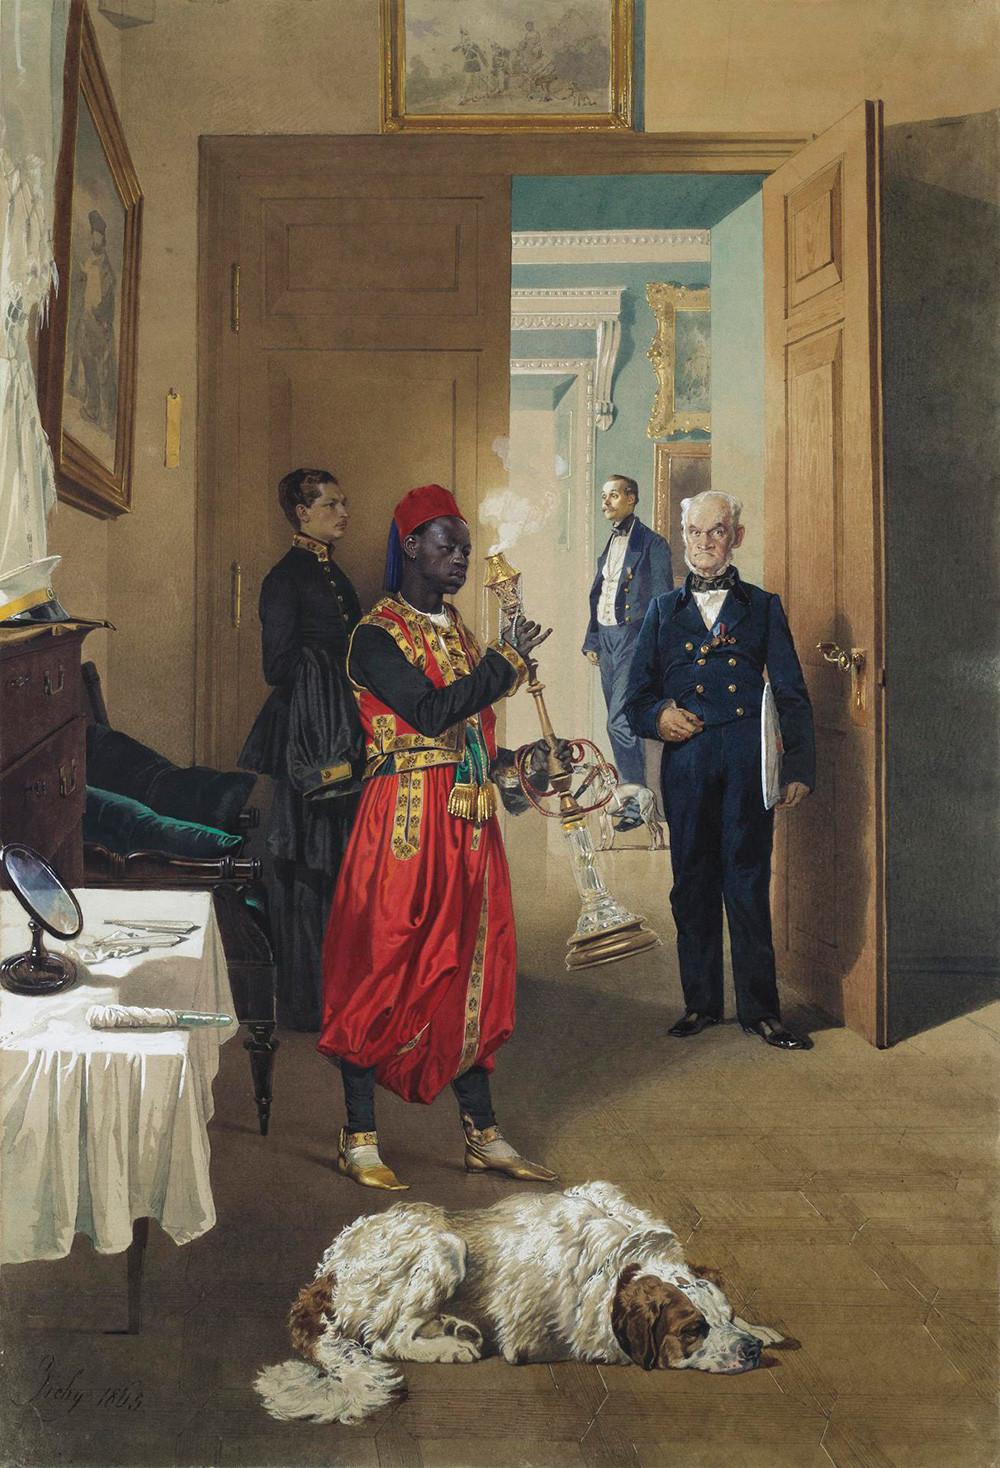 М. Зичи. Хол у императорскоj палати у Царском селу, 1865.